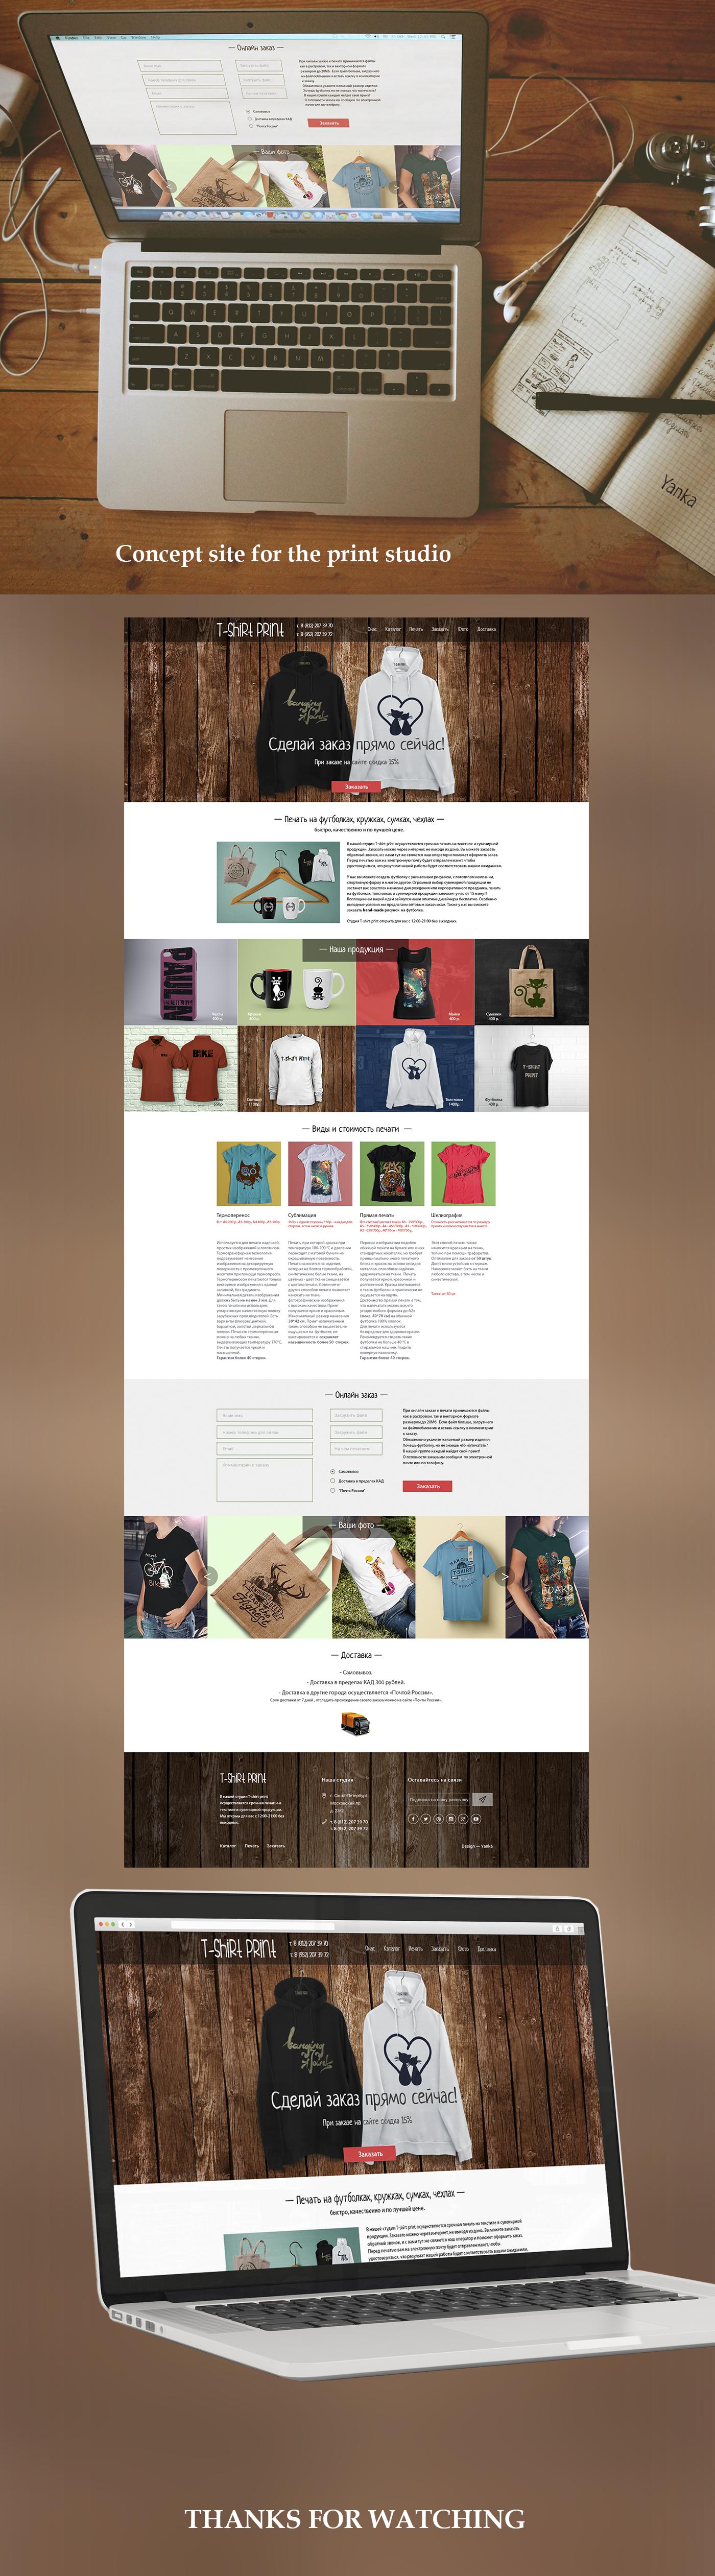 печать print studio concept landing page студия принты футболкти сувениры